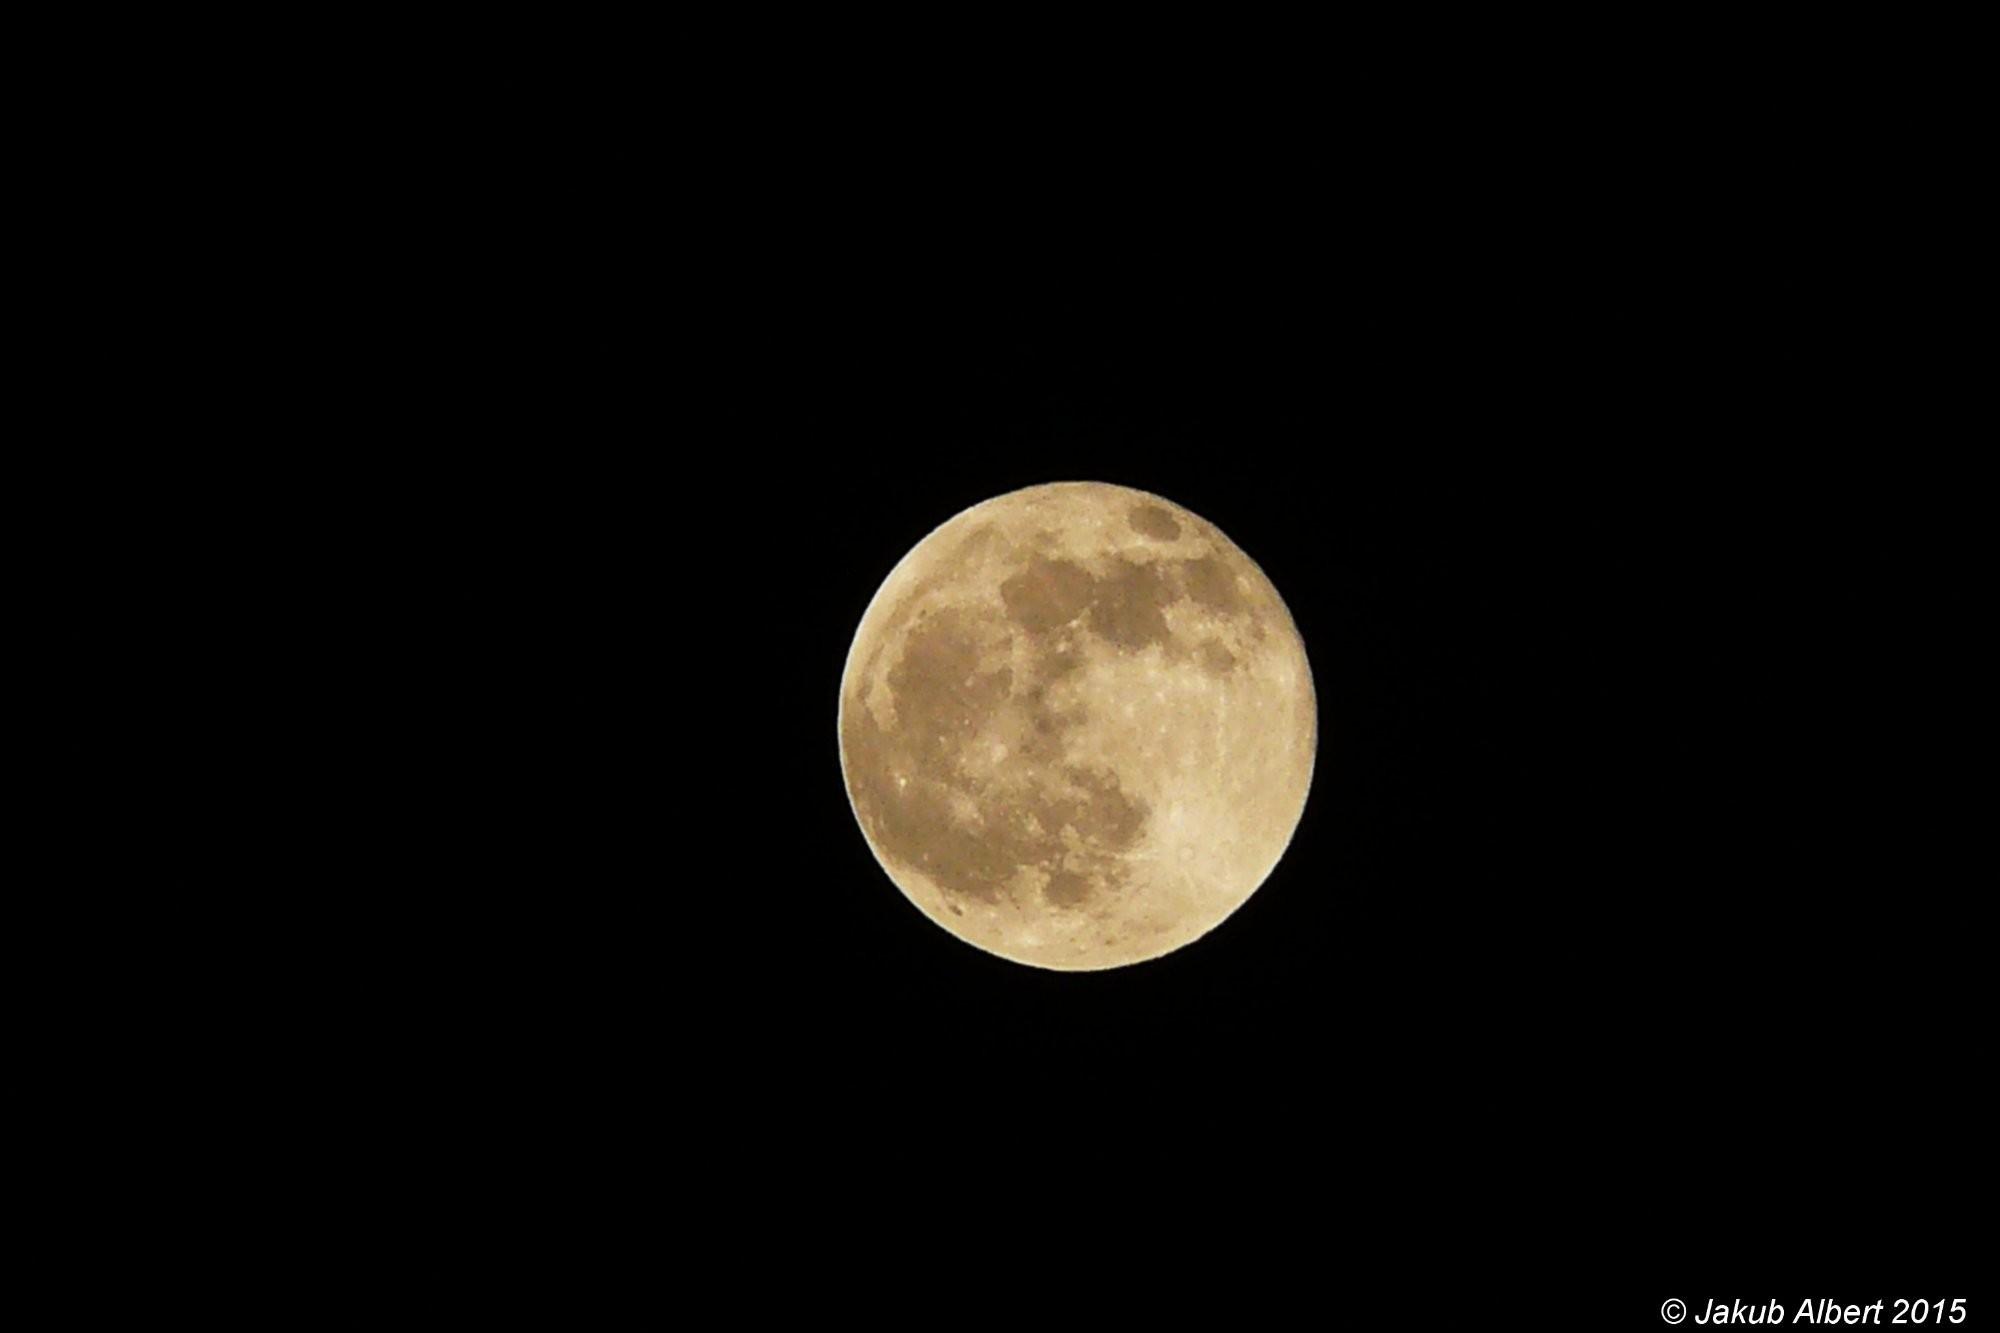 Měsíc v úplňku